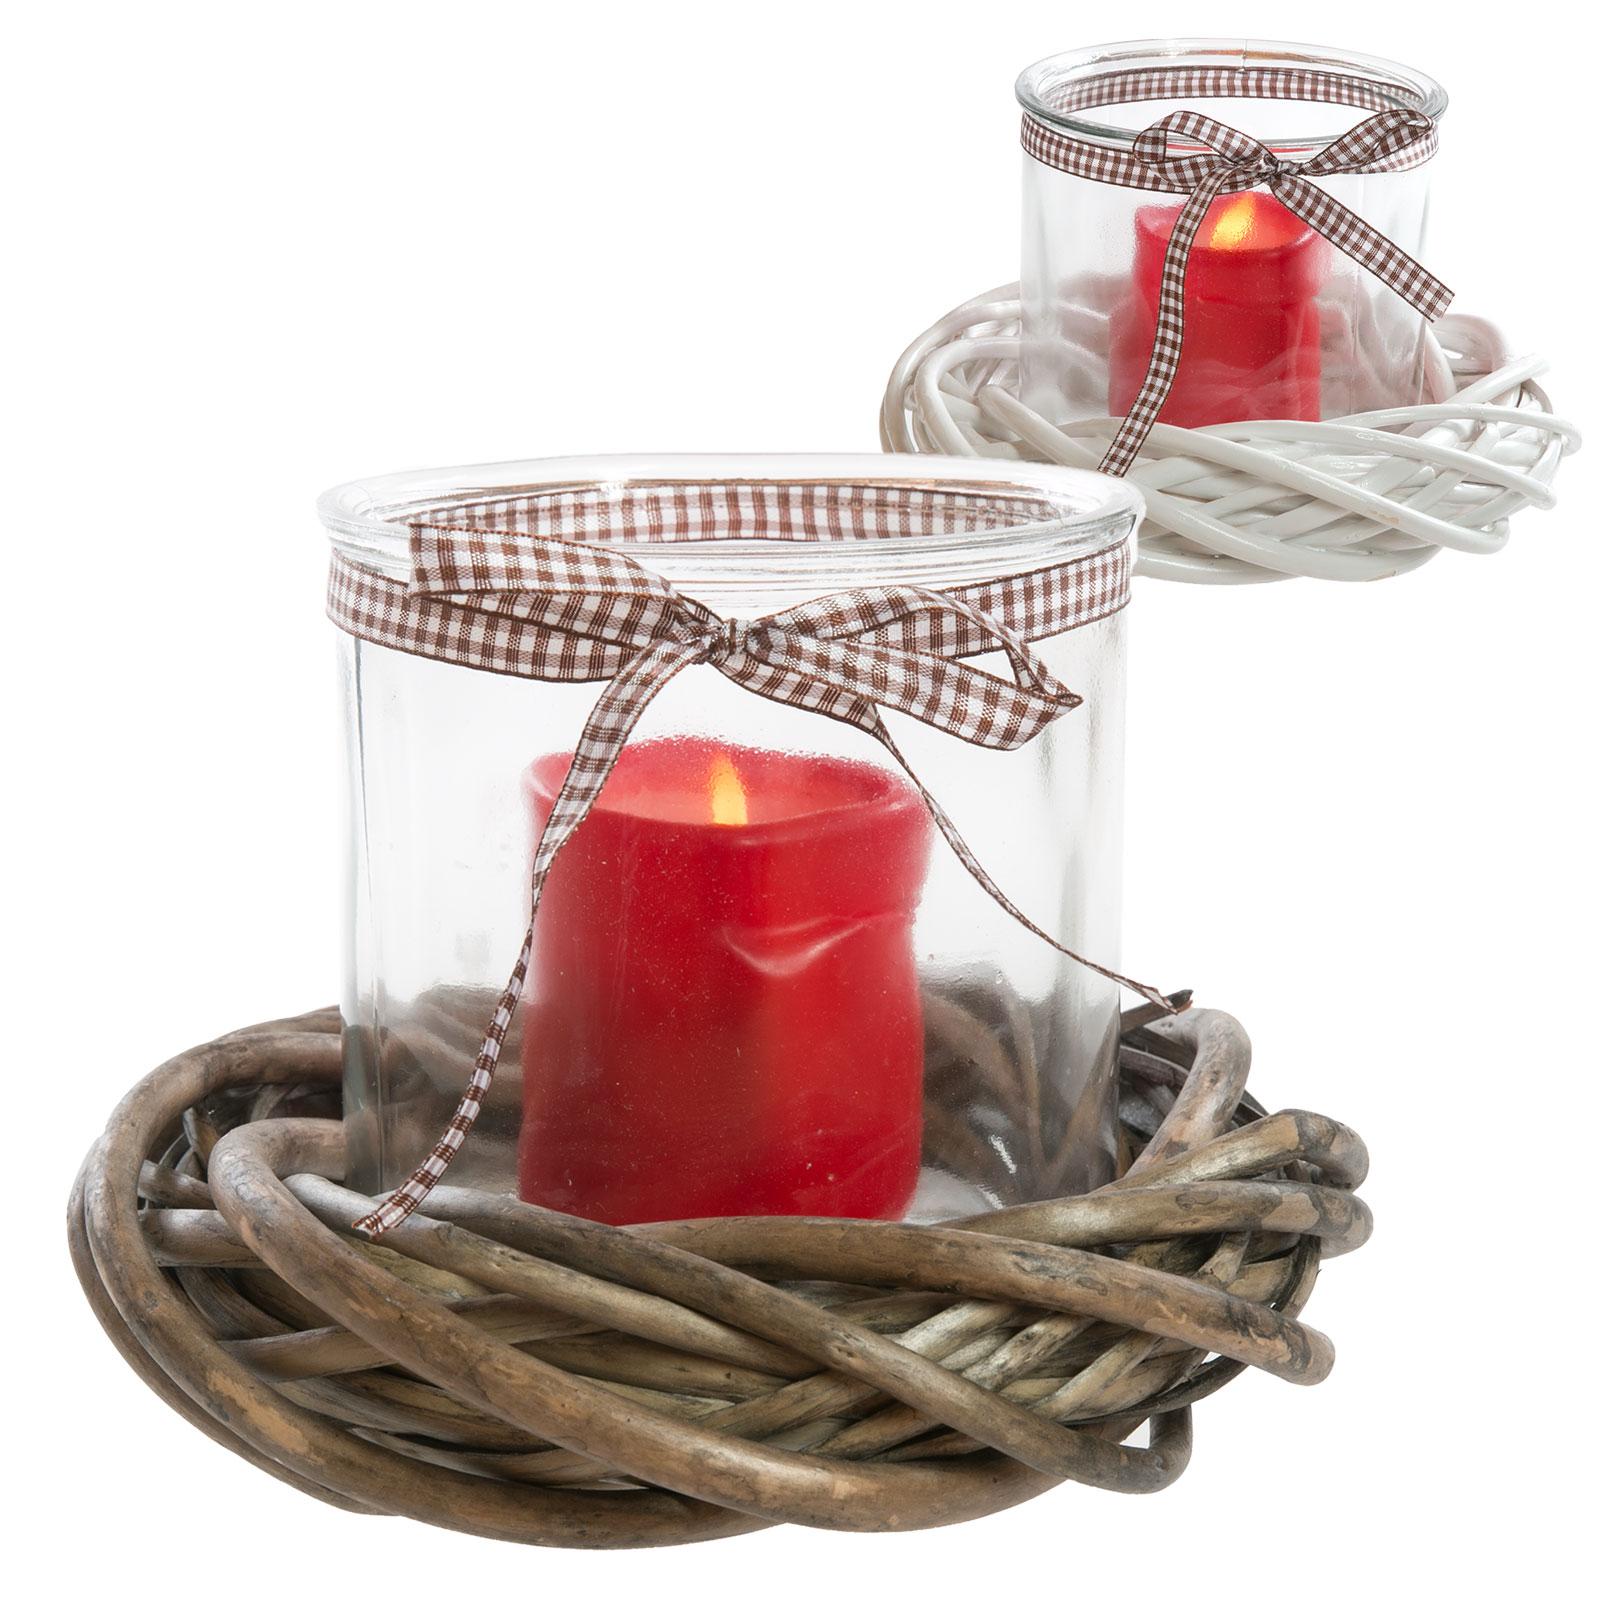 windlicht kranz weide glas holz landhaus shabby weihnachten natur kerzenglas ebay. Black Bedroom Furniture Sets. Home Design Ideas